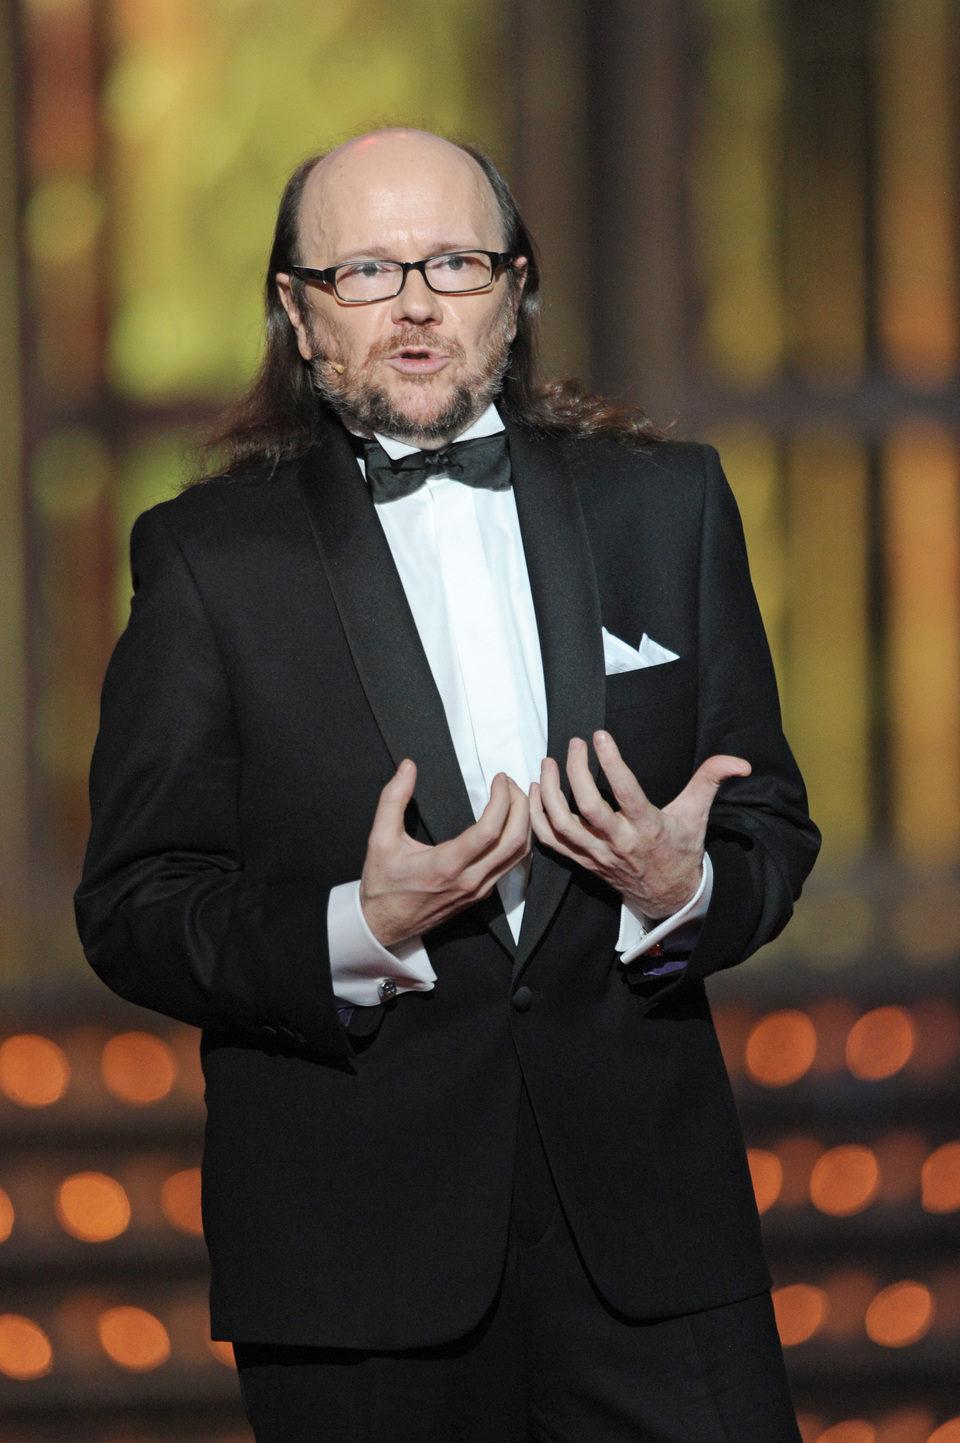 Santiago Segura en la gala de los Premios Goya 2012